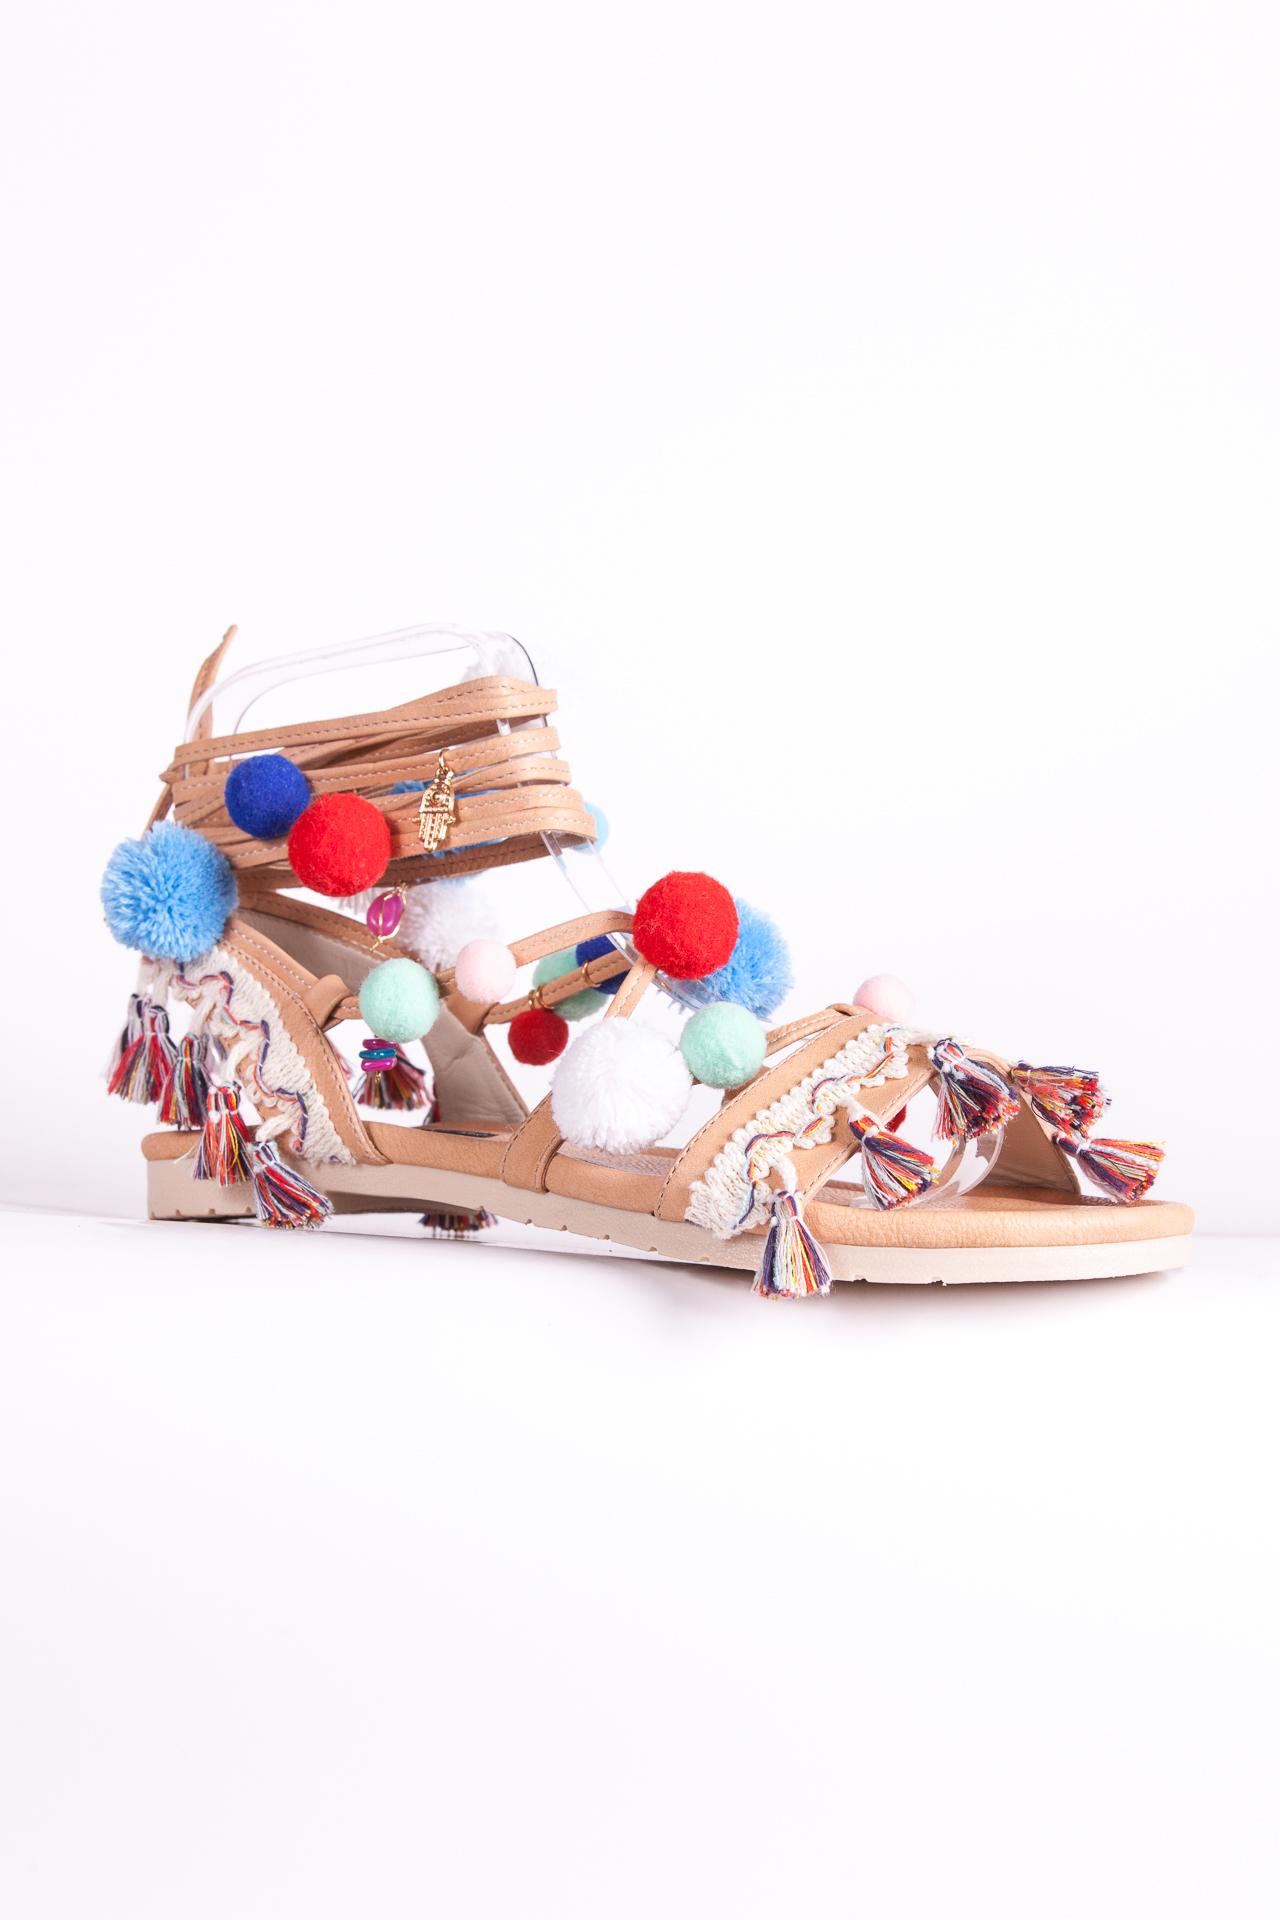 Sandalias nude con pompones y aplicaciones. Confeccionadas a mano.